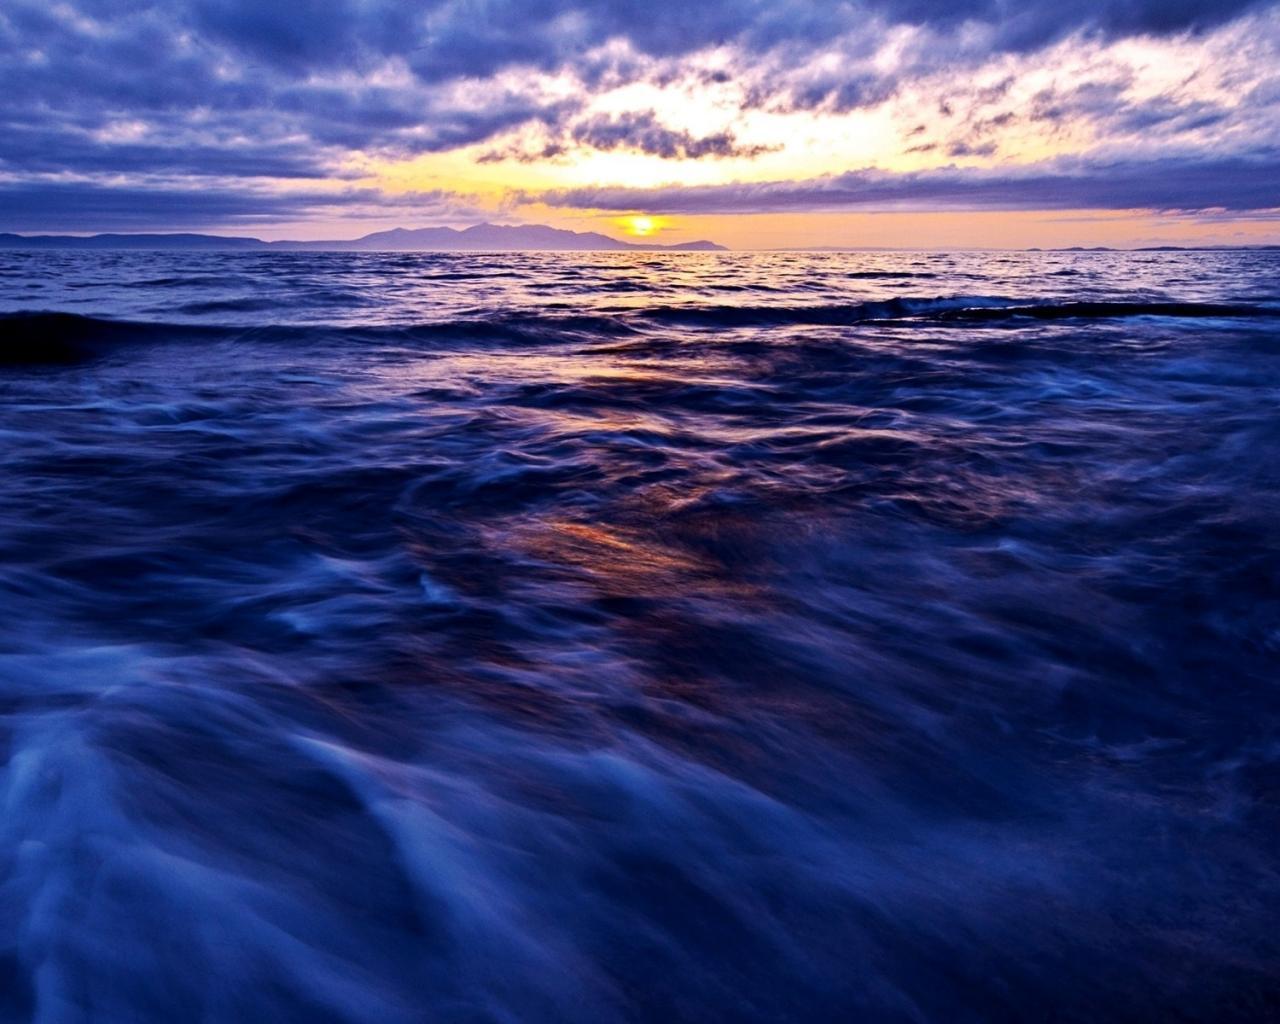 Море, рисунок, горизонт, небо обои для ...: hq-wallpapers.ru/wallpapers/nature/pic50544_raz1280x1024